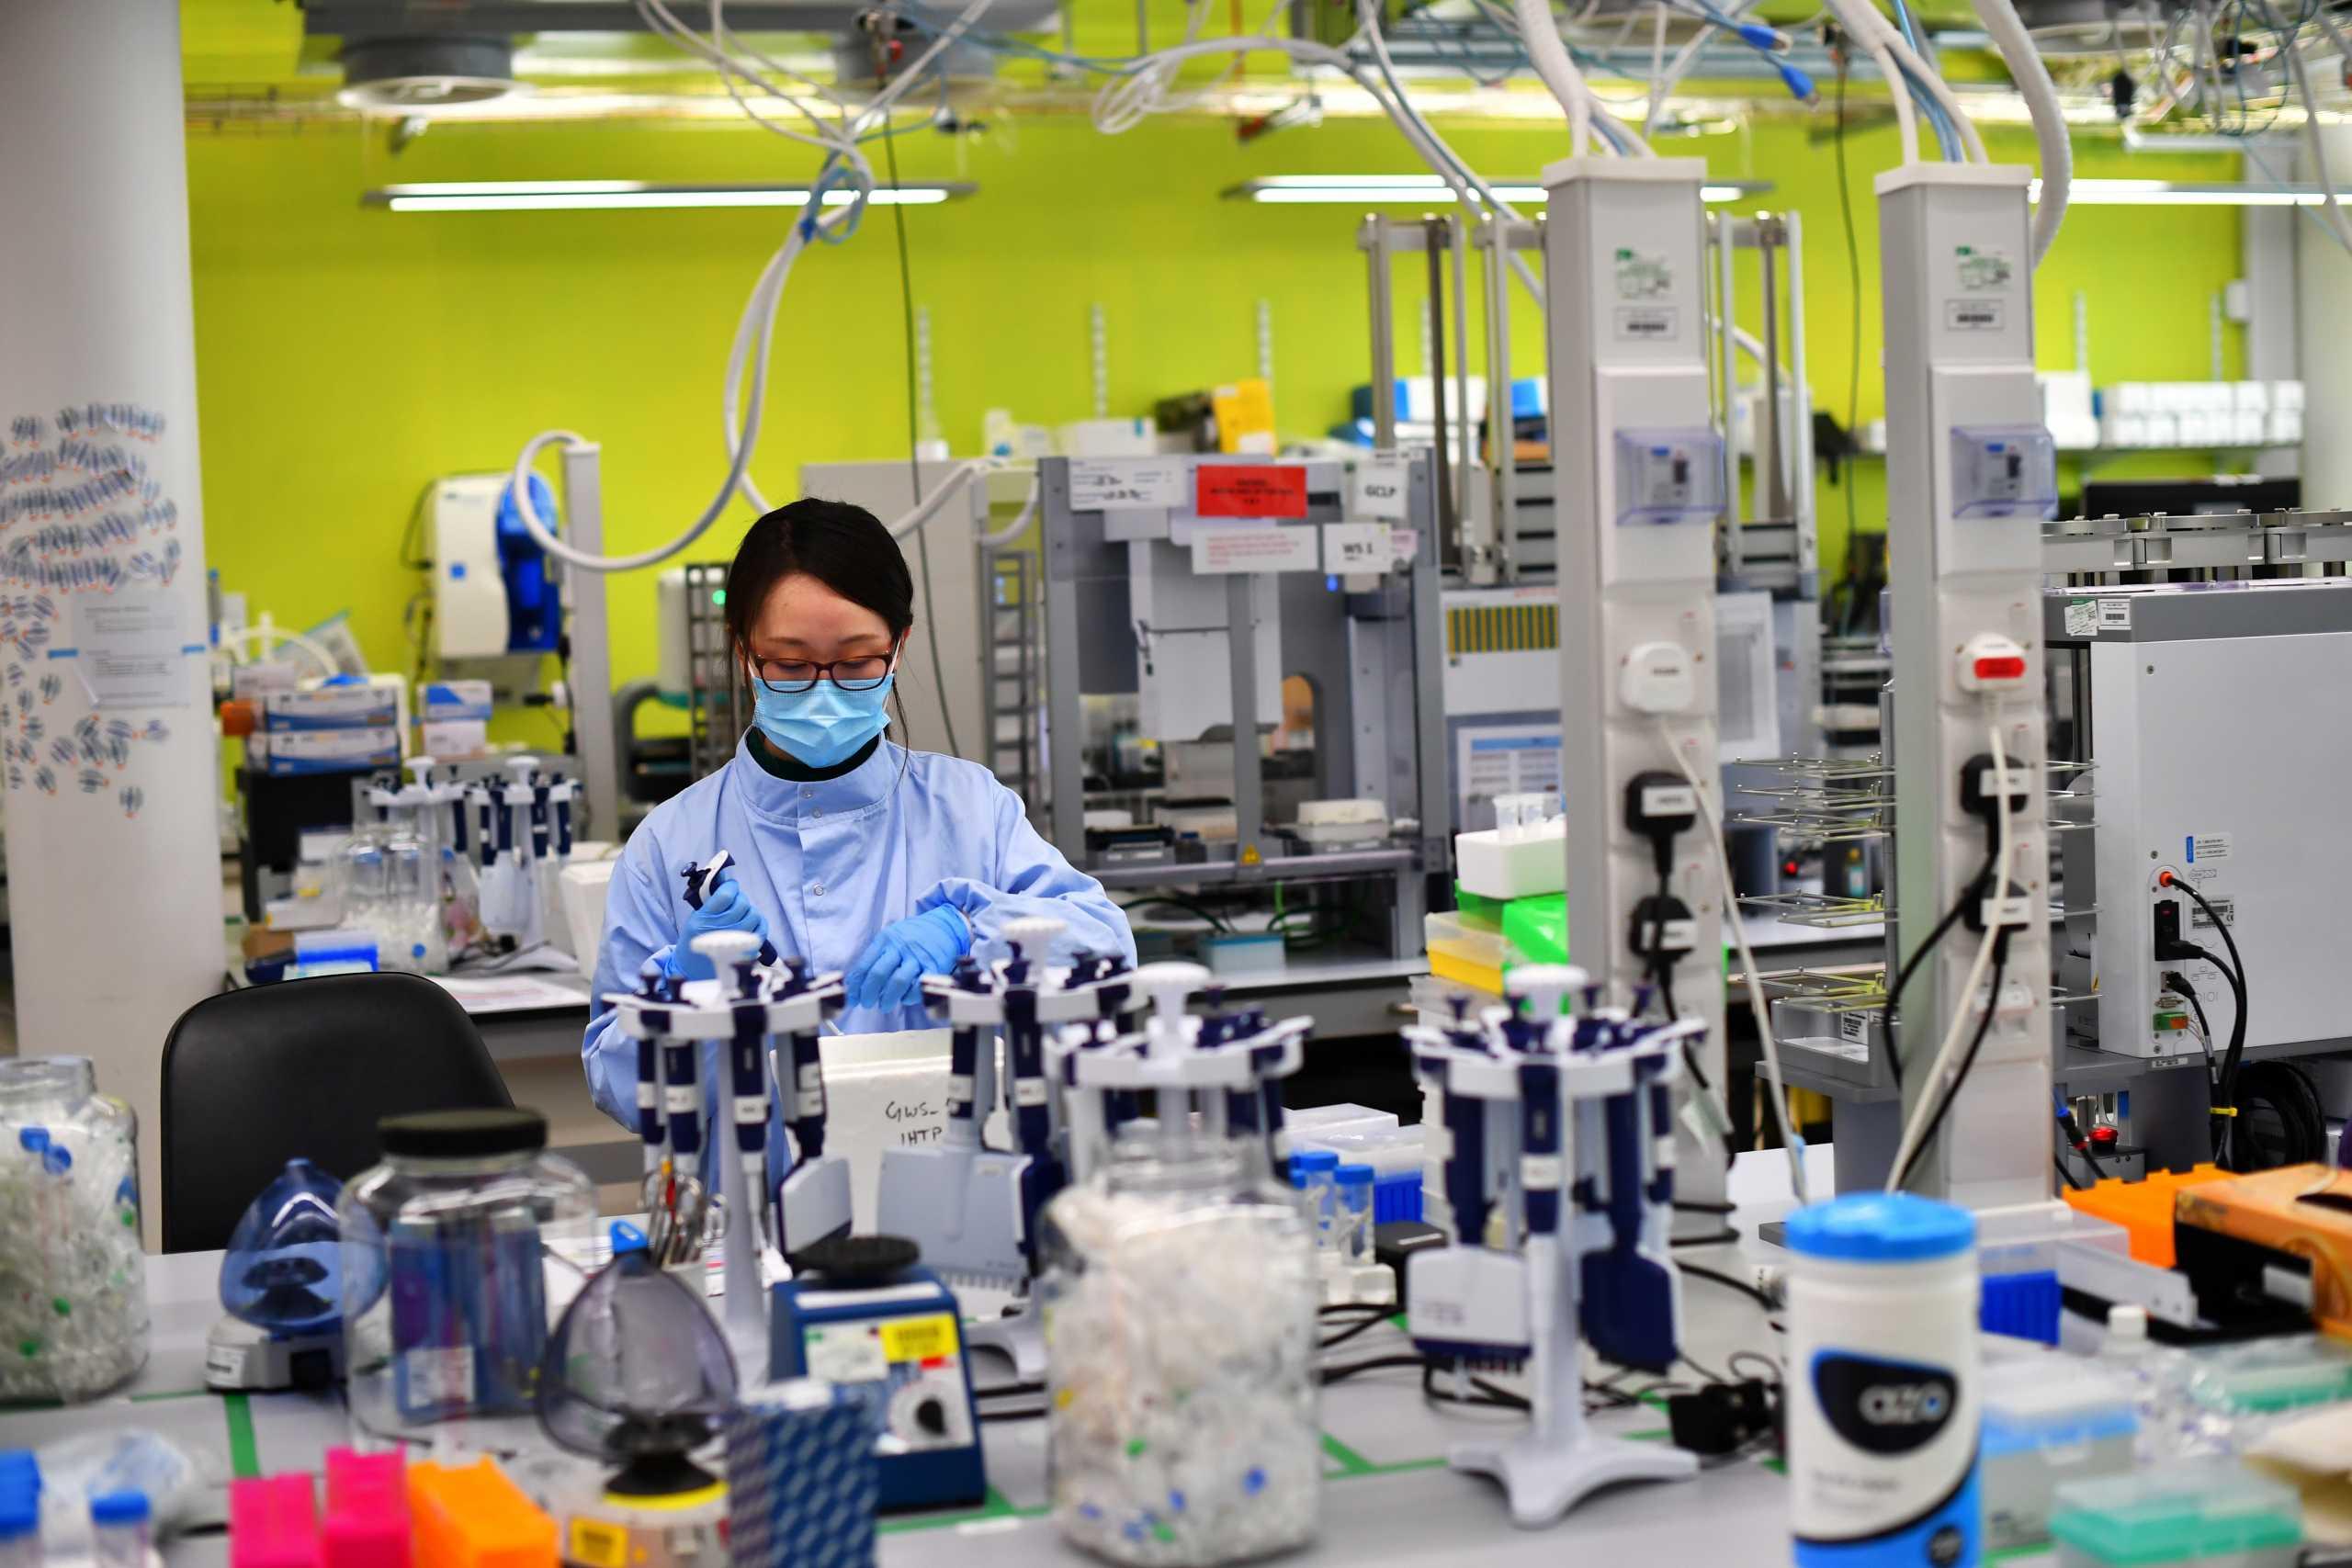 Ελβετία: Συνεργασία Novartis με Roche για την παραγωγή φαρμάκου κατά του κορονοϊού